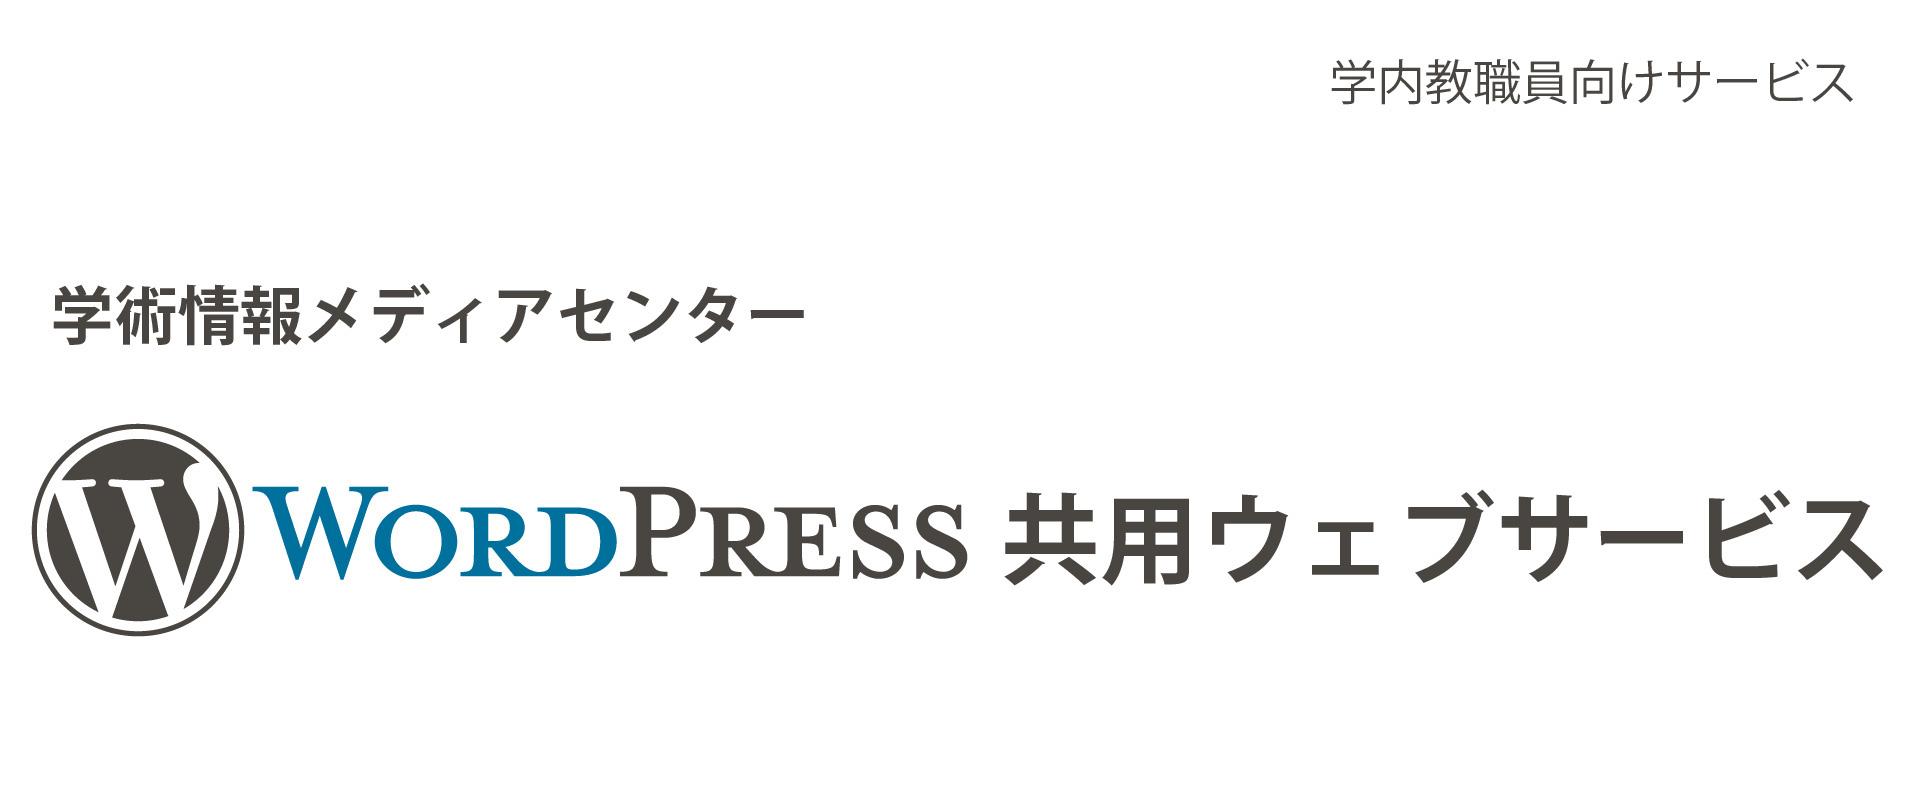 教職員専用Wordpressサービス